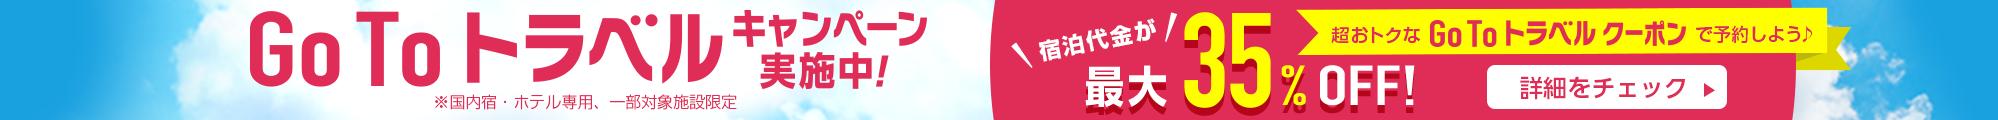 Go To トラベル キャンペーン実施中